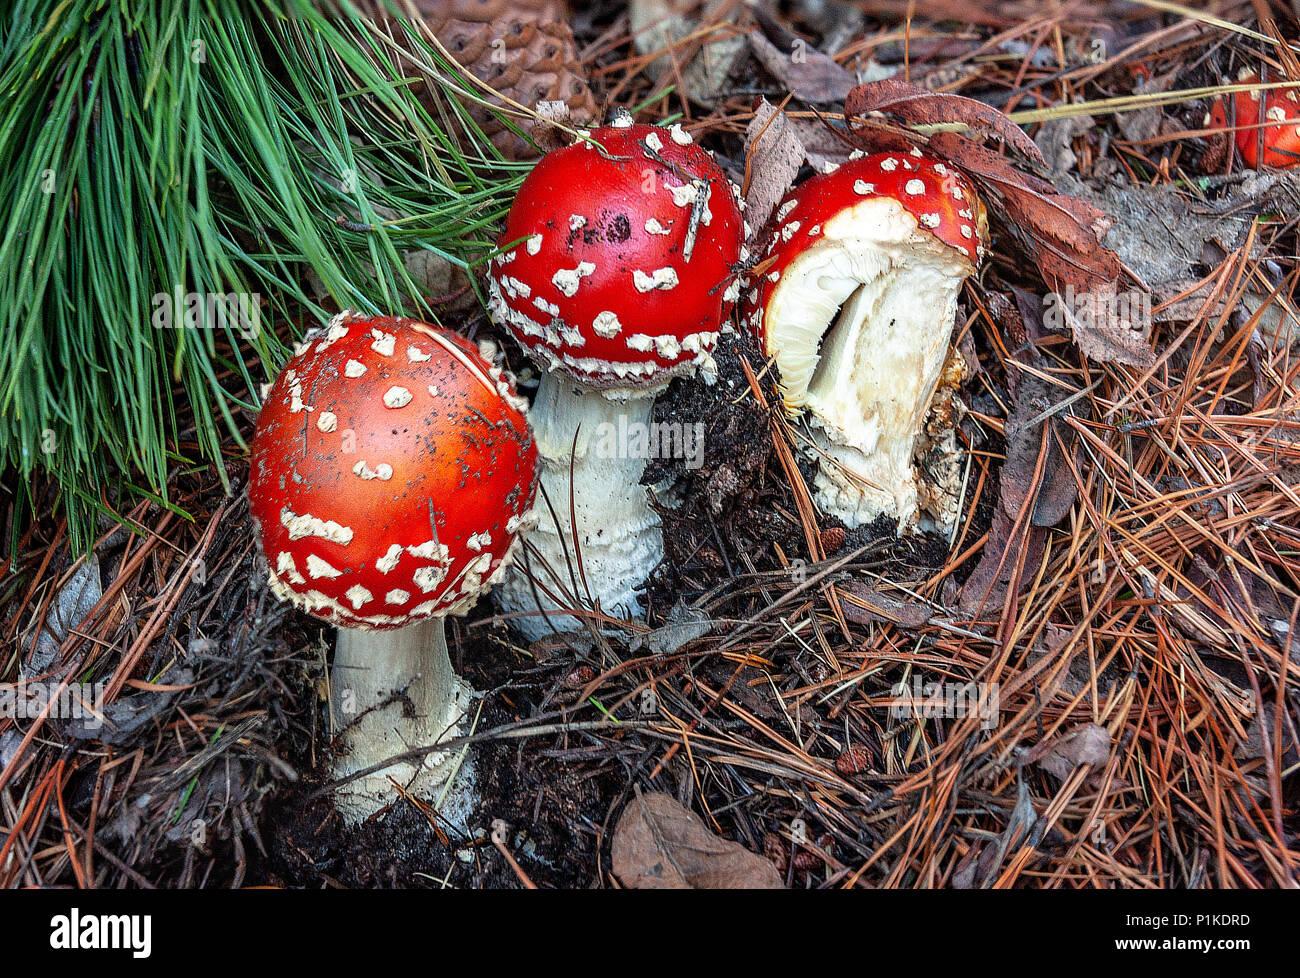 Champignons vénéneux. Champignons toxiques avec des couleurs rouge et les points blancs flake grandit au milieu des pins dans une forêt. Banque D'Images